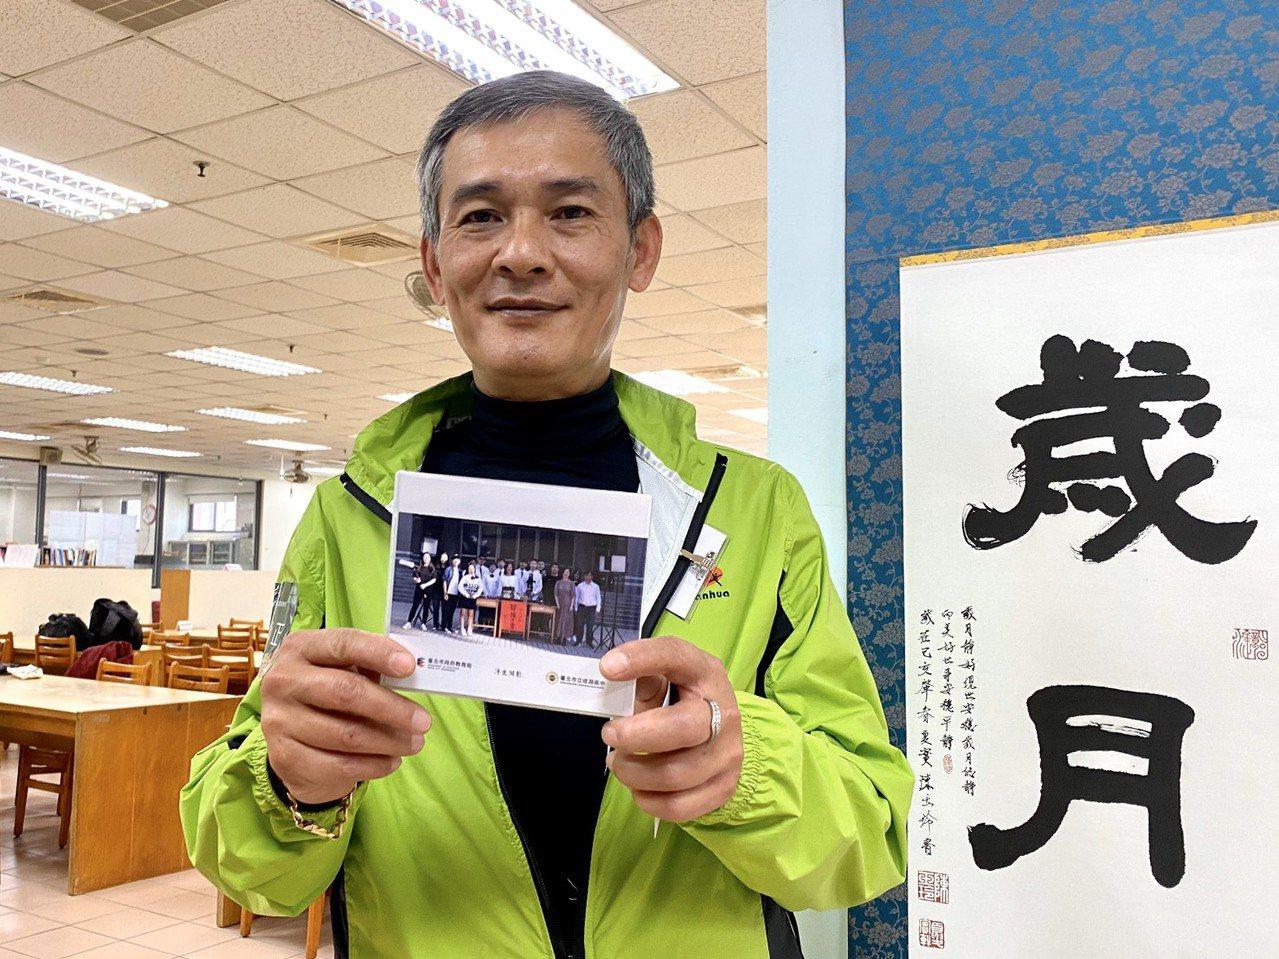 南華高中三年級的屈必正曾是輟學少年,在57歲領到人生第一個優良學生獎,故事還被拍...